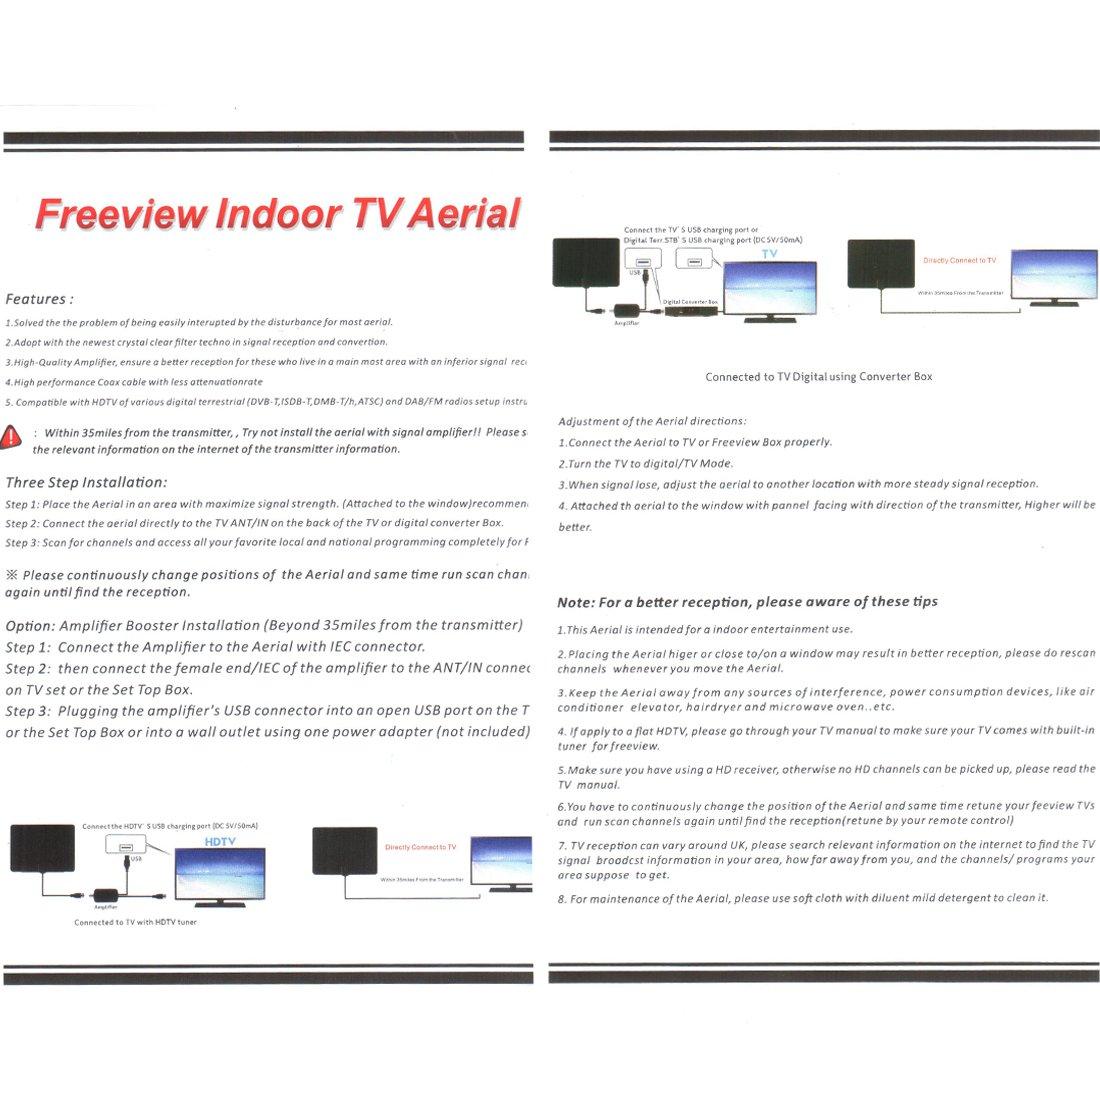 Antena TV Interior, Negro Nueva versi/ón 2019 Antena Interior TDT 60 Millas con Amplificador de Se/ñal y Cable Coaxial de 13.2 FT Digital HDTV Antena Portatil para DVB-T TDT